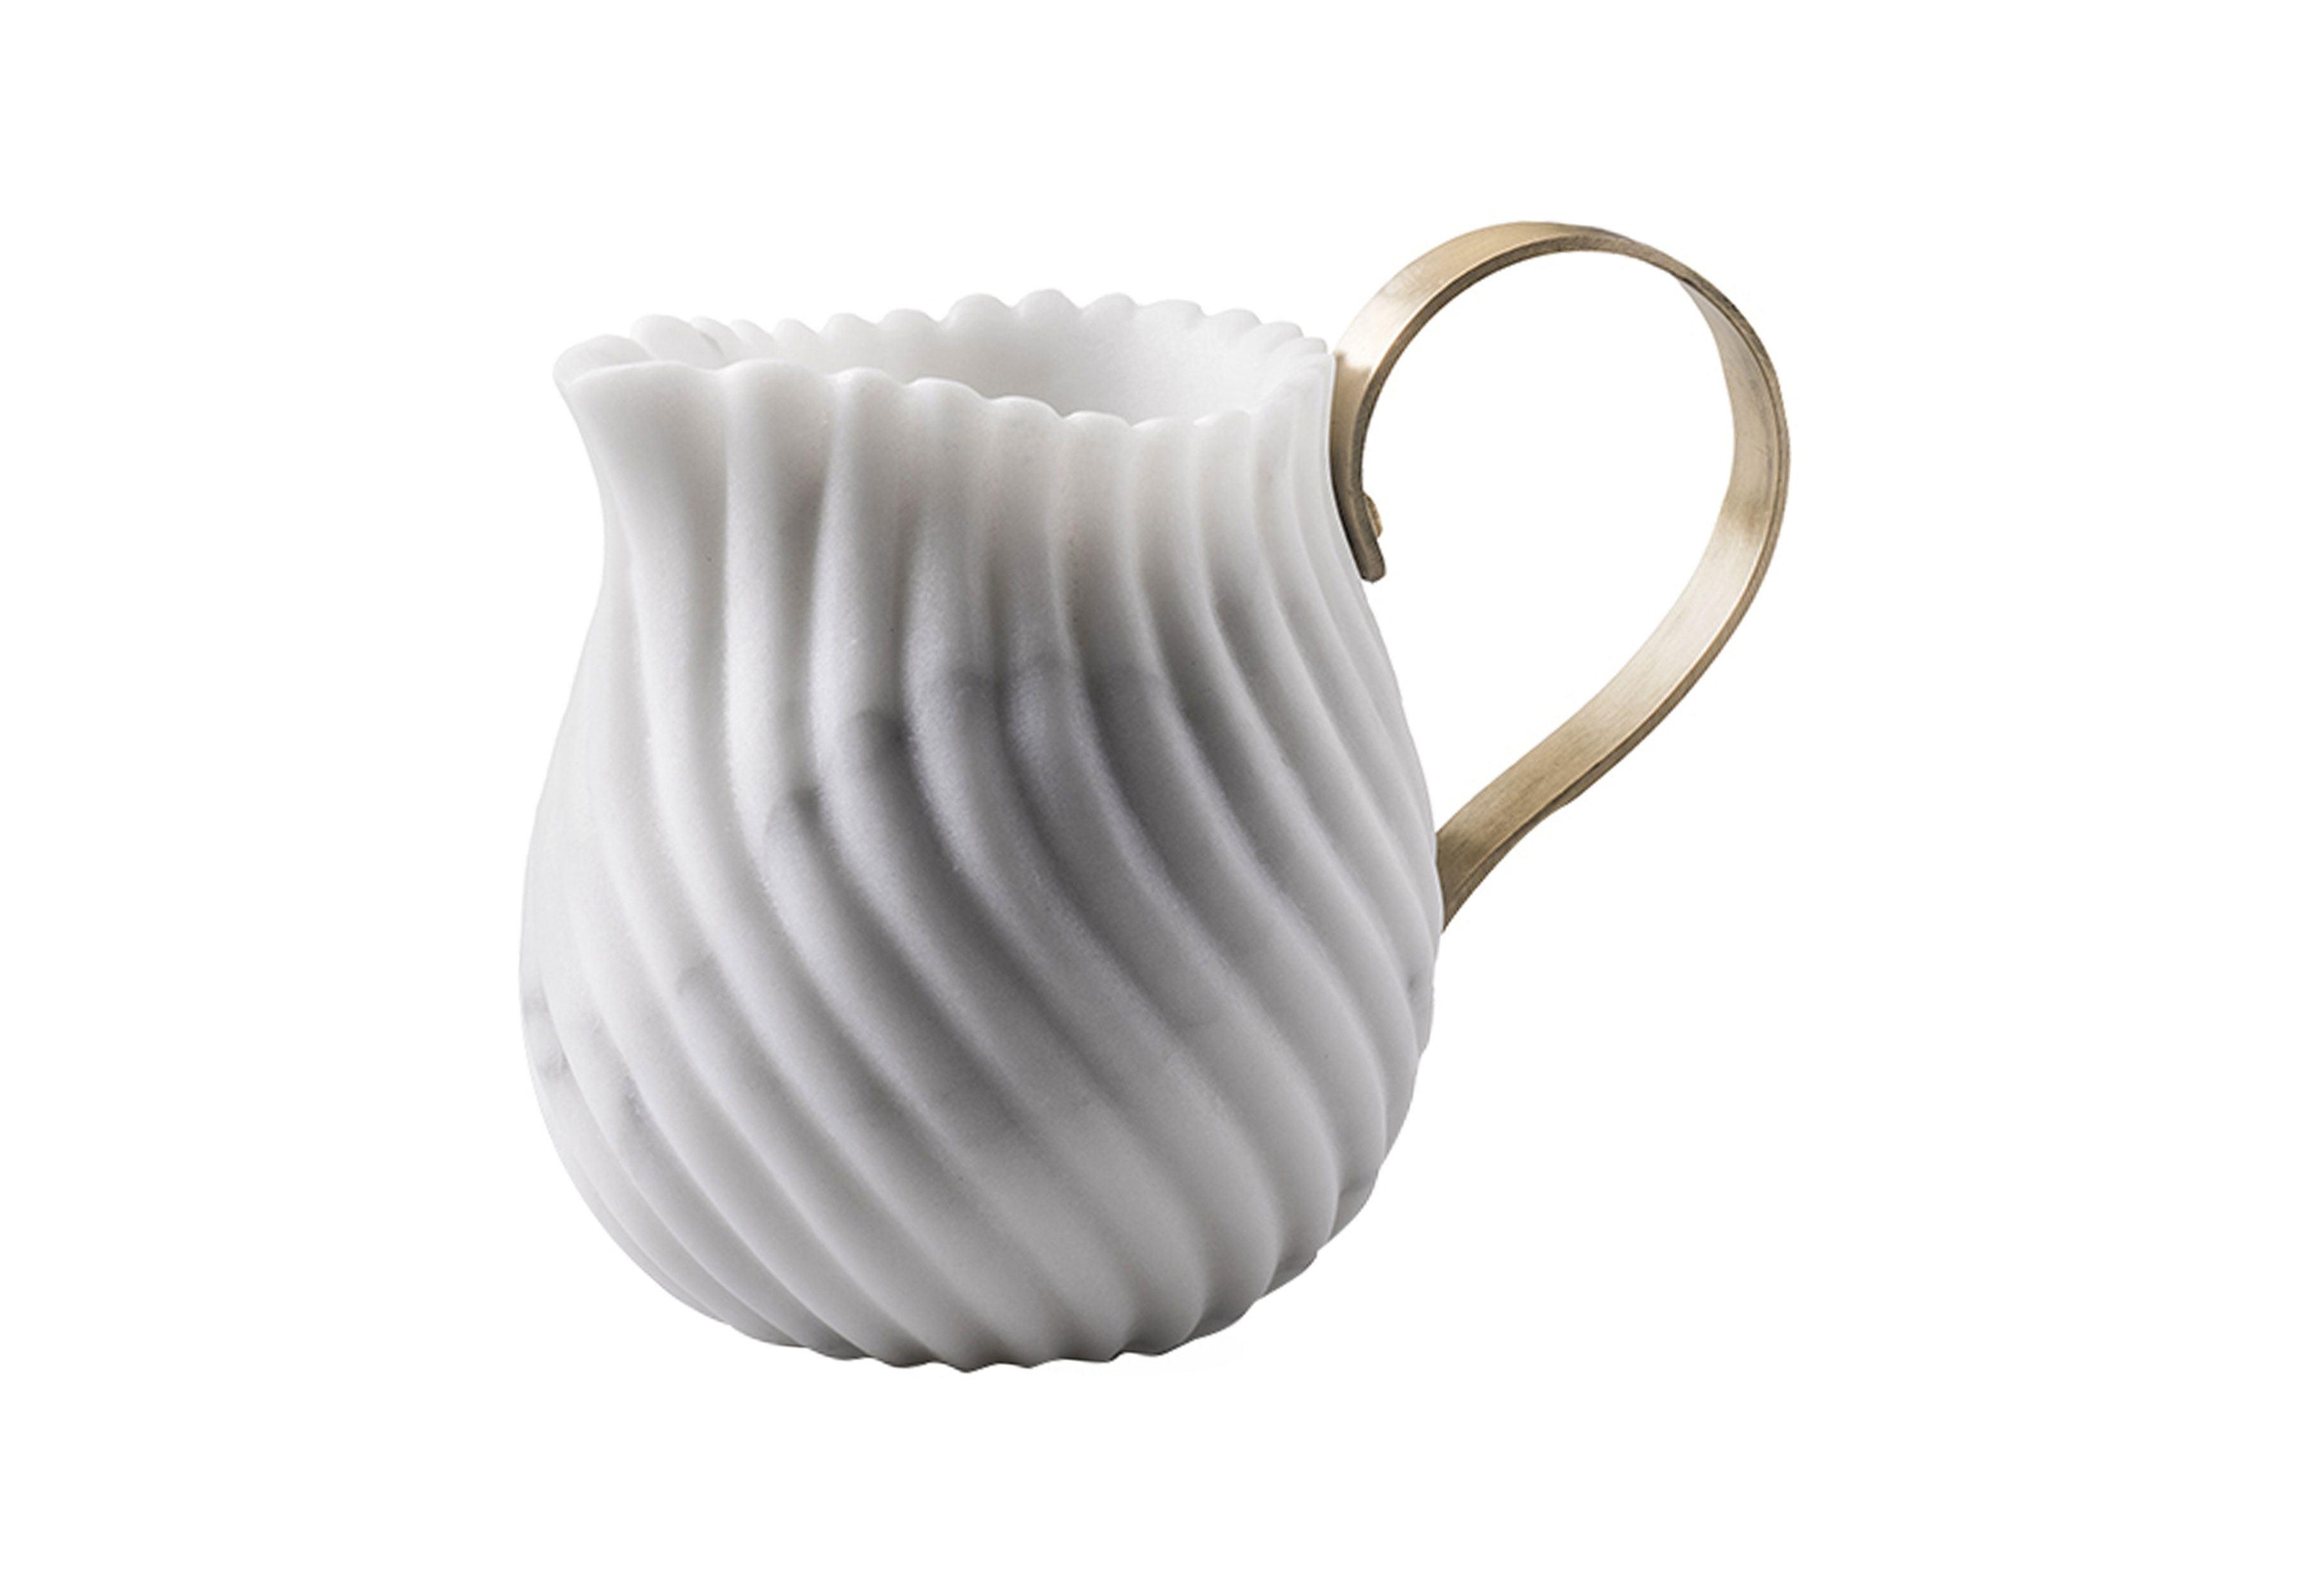 Bethan Gray Victoria Marble milk jug